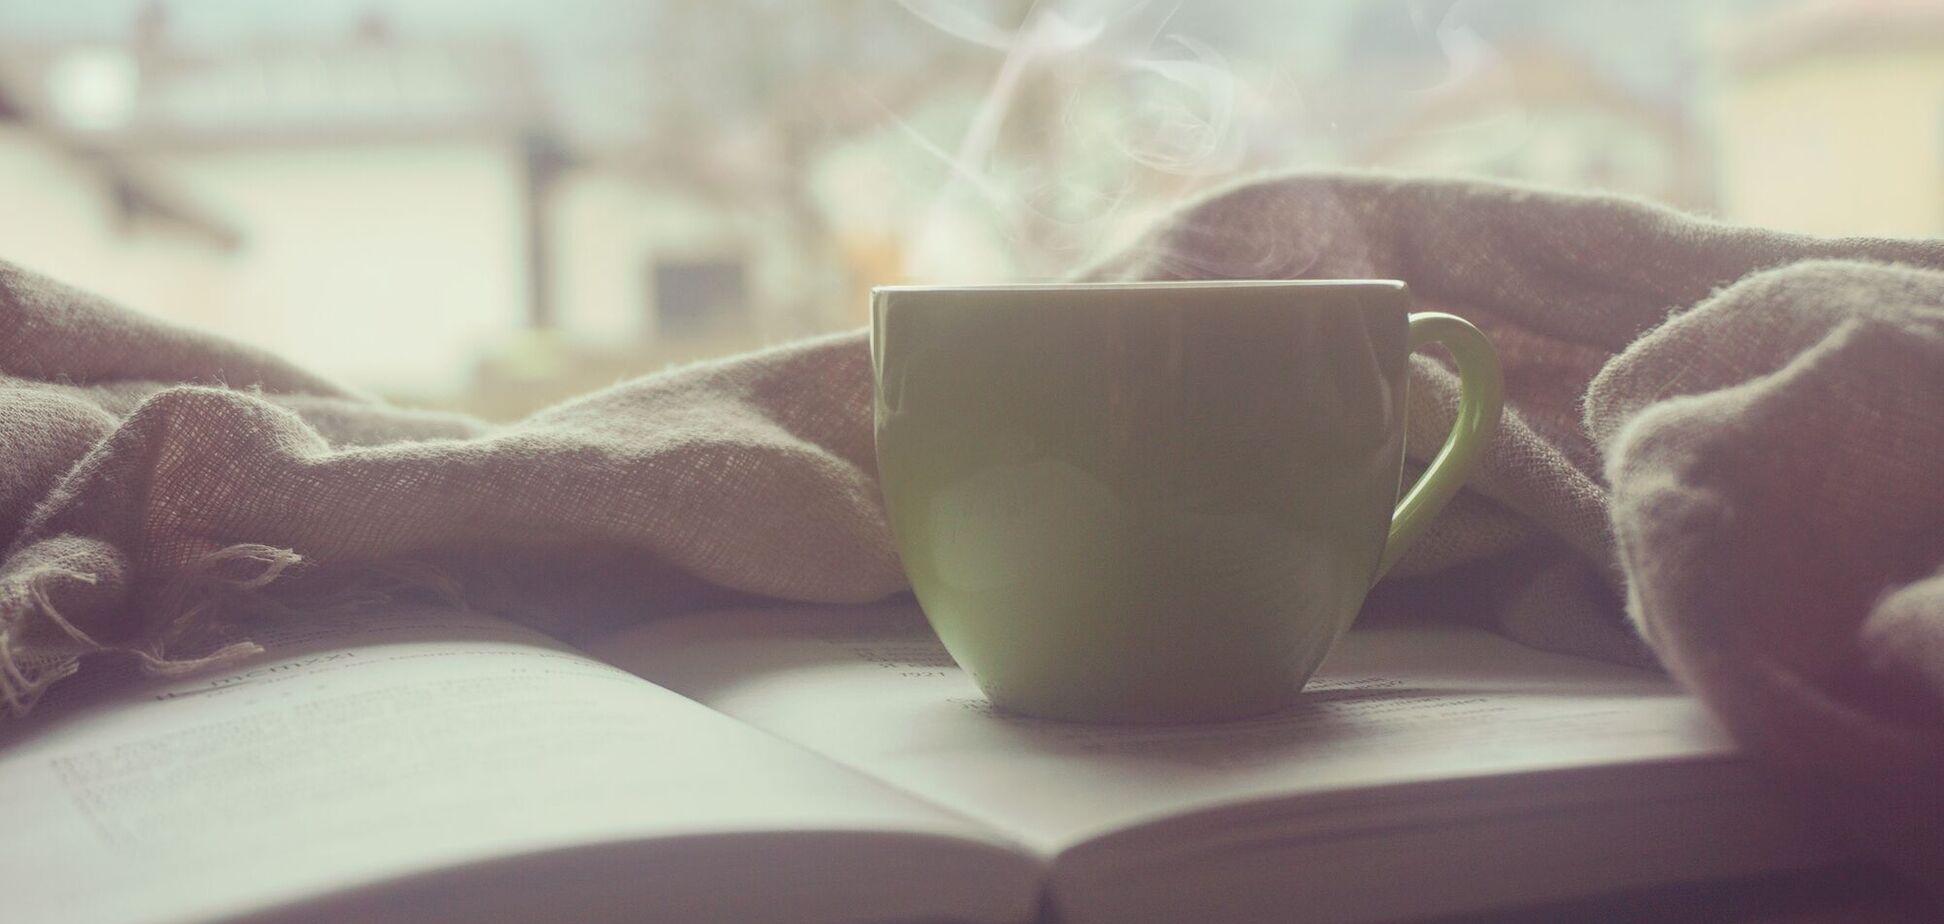 Пить кофе стоит не ранее, чем через полчаса после пробуждения